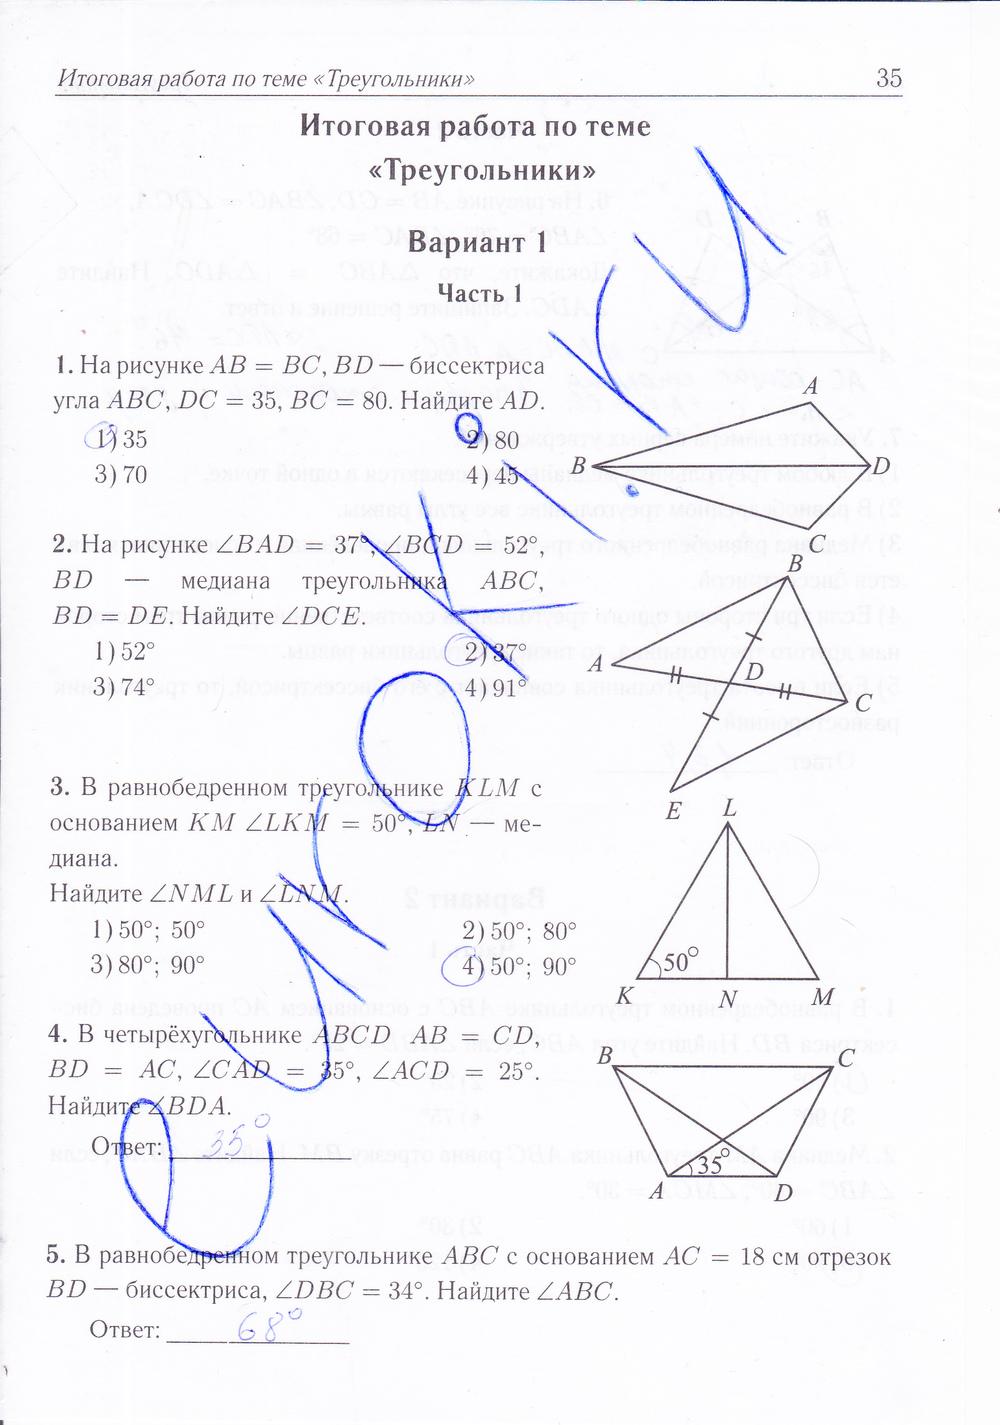 Гдз по математике 9 класс лысенко и кулабухова